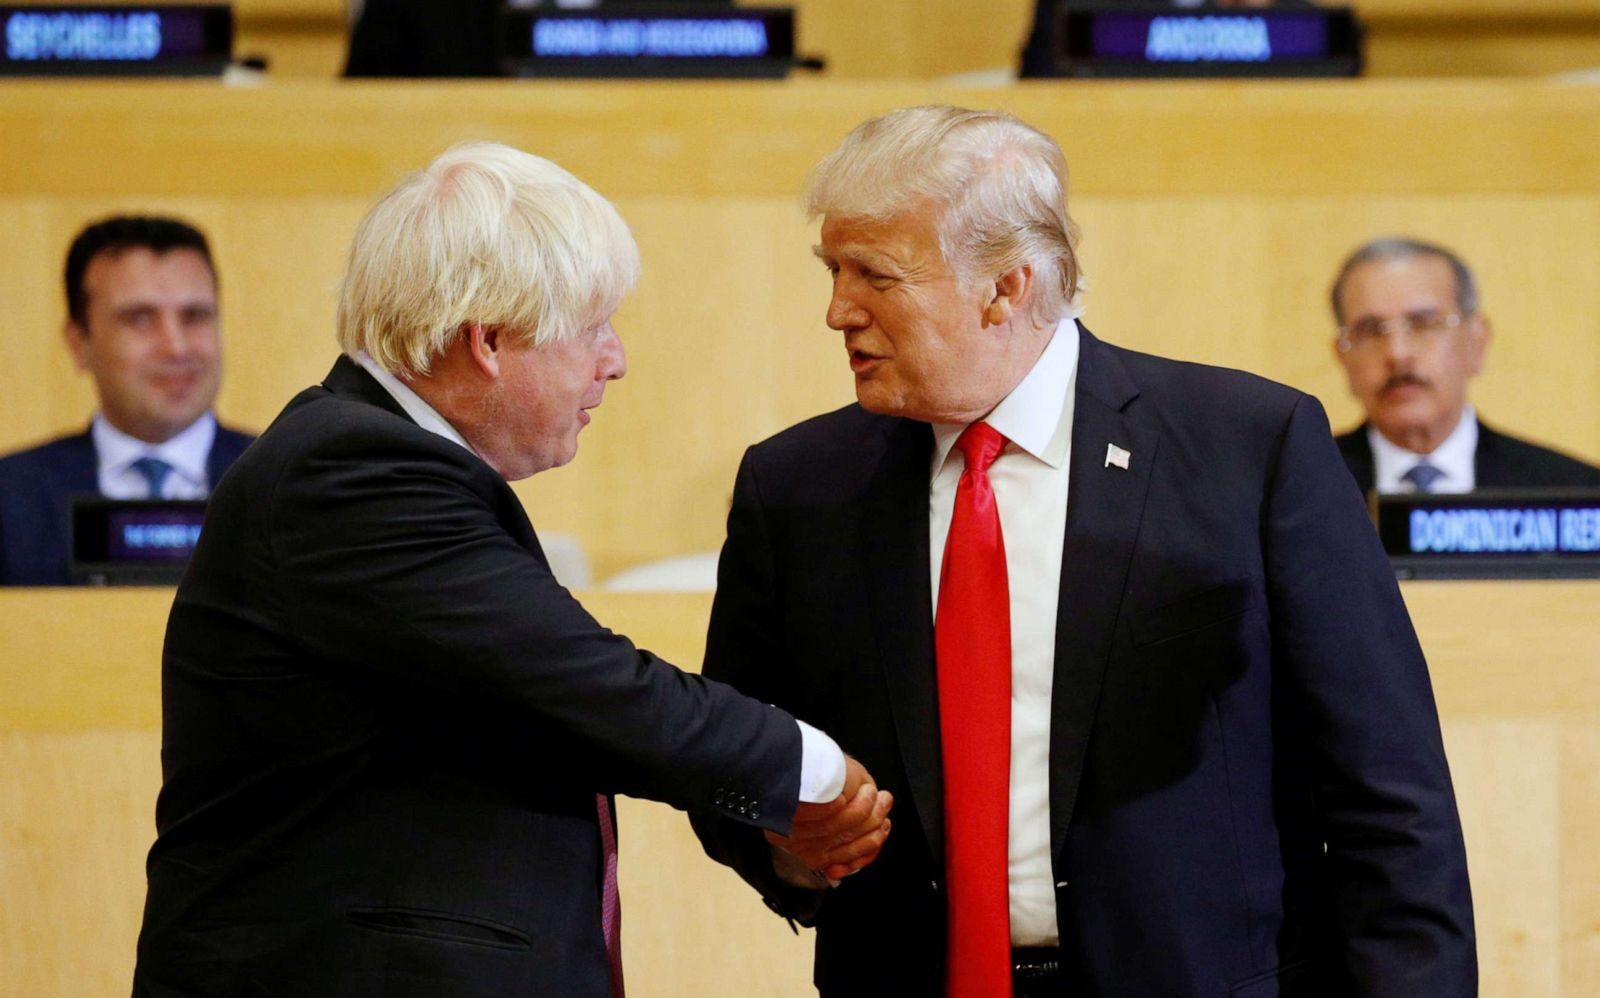 翻版特朗普还是温柔的牛津绅士?关于英国新首相,你一定要知道这7件事!